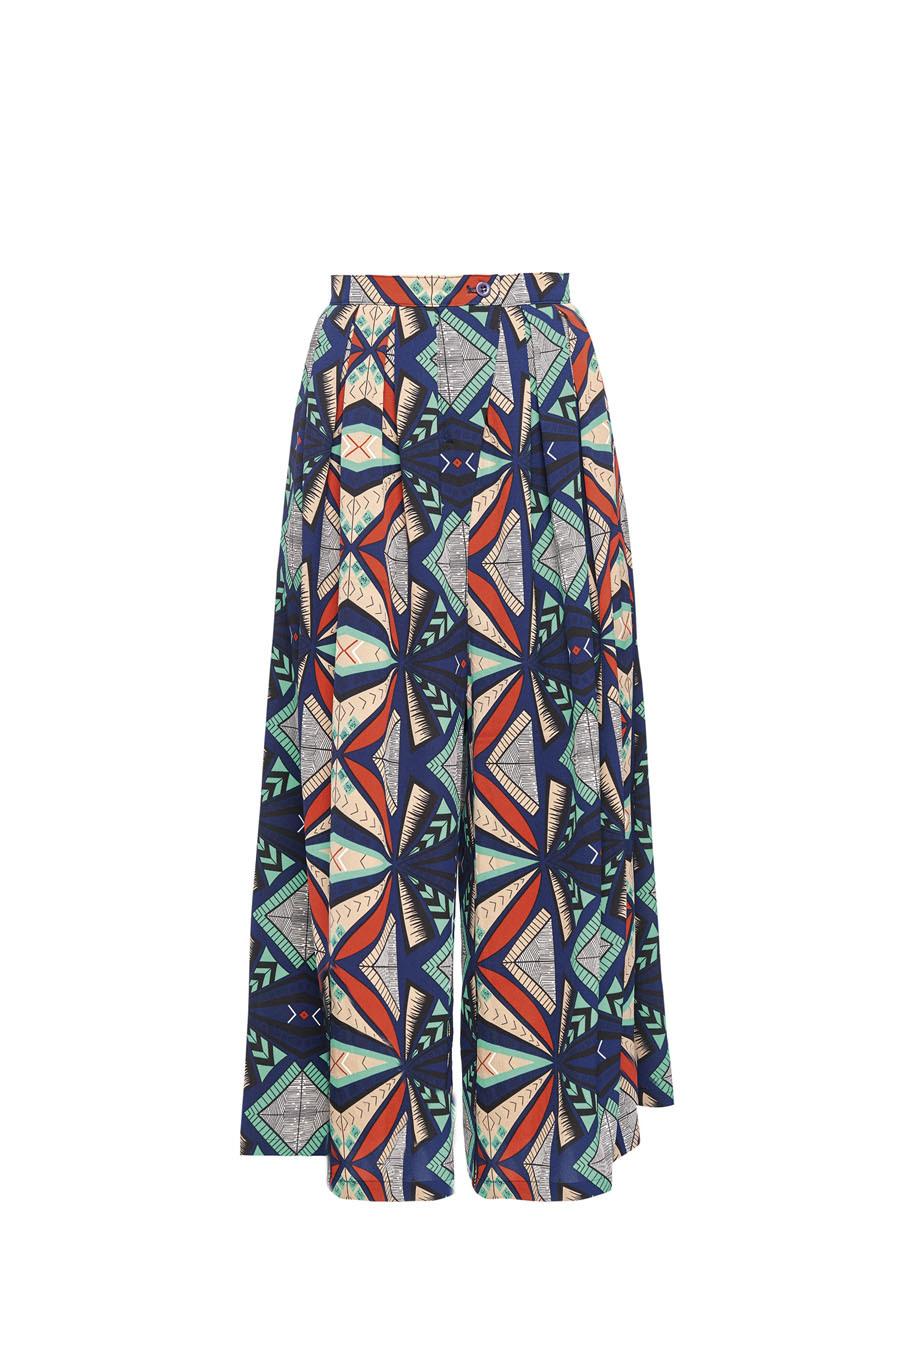 Uno de los modelos largos y estampados de falda que propone la firma...